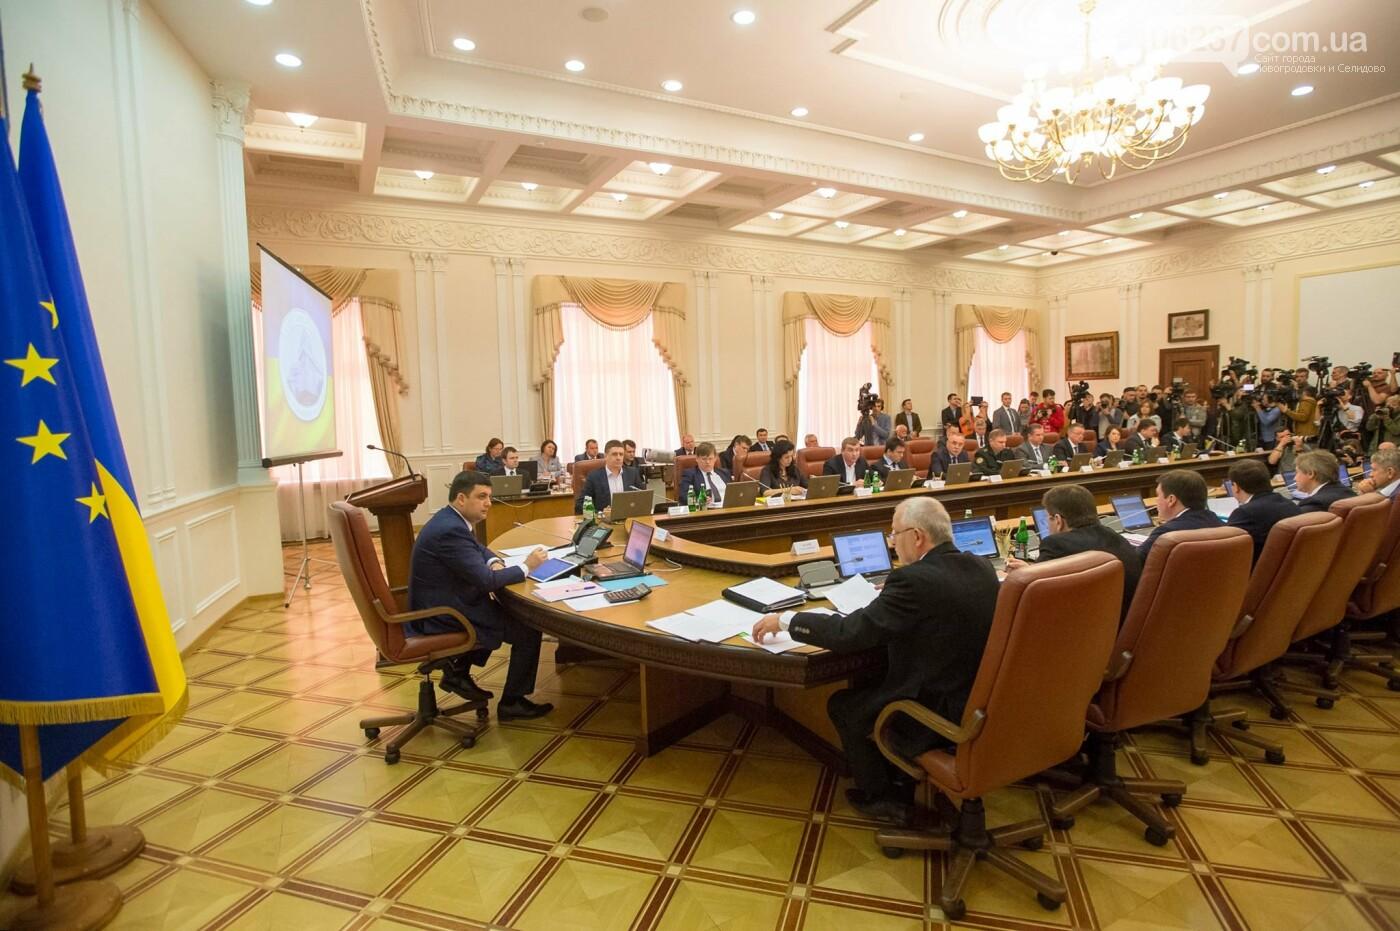 Горняк, Украинск, Марьинка, Красногоровка и Курахово получат от государства более 50 миллионов гривен, фото-1